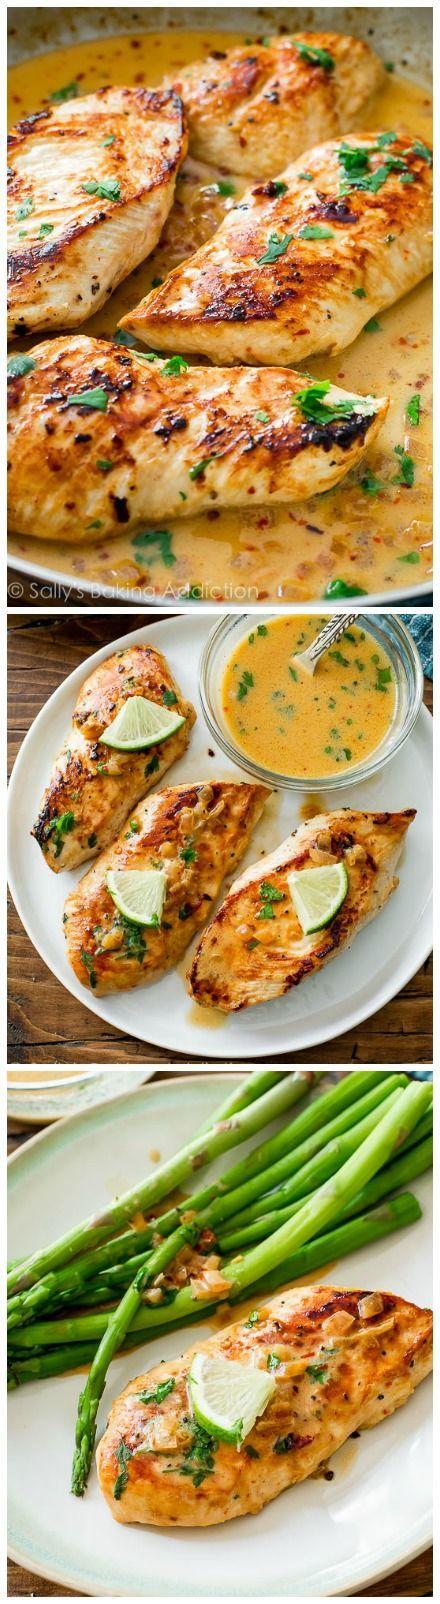 La sartén de pollo con salsa cremosa de lima Cilantro rendimiento: SIRVE 4 tiempo de preparación: 30 MINUTOS tiempo total: 40 MINUTOS IMPRIMIR RECETA Una sartén y 40 minutos es todo lo que se necesita para transformar el pollo en una comida llena de sabor! Ingredientes: pechugas de pollo deshuesadas y sin piel 41/4 cucharadita de sal1/4 cucharadita de pimienta recién molida negro1 cucharada de aceite de olivacaldo de pollo 1 taza (recomiendo reducida de sodio)1 cucharada de jugo de limón…